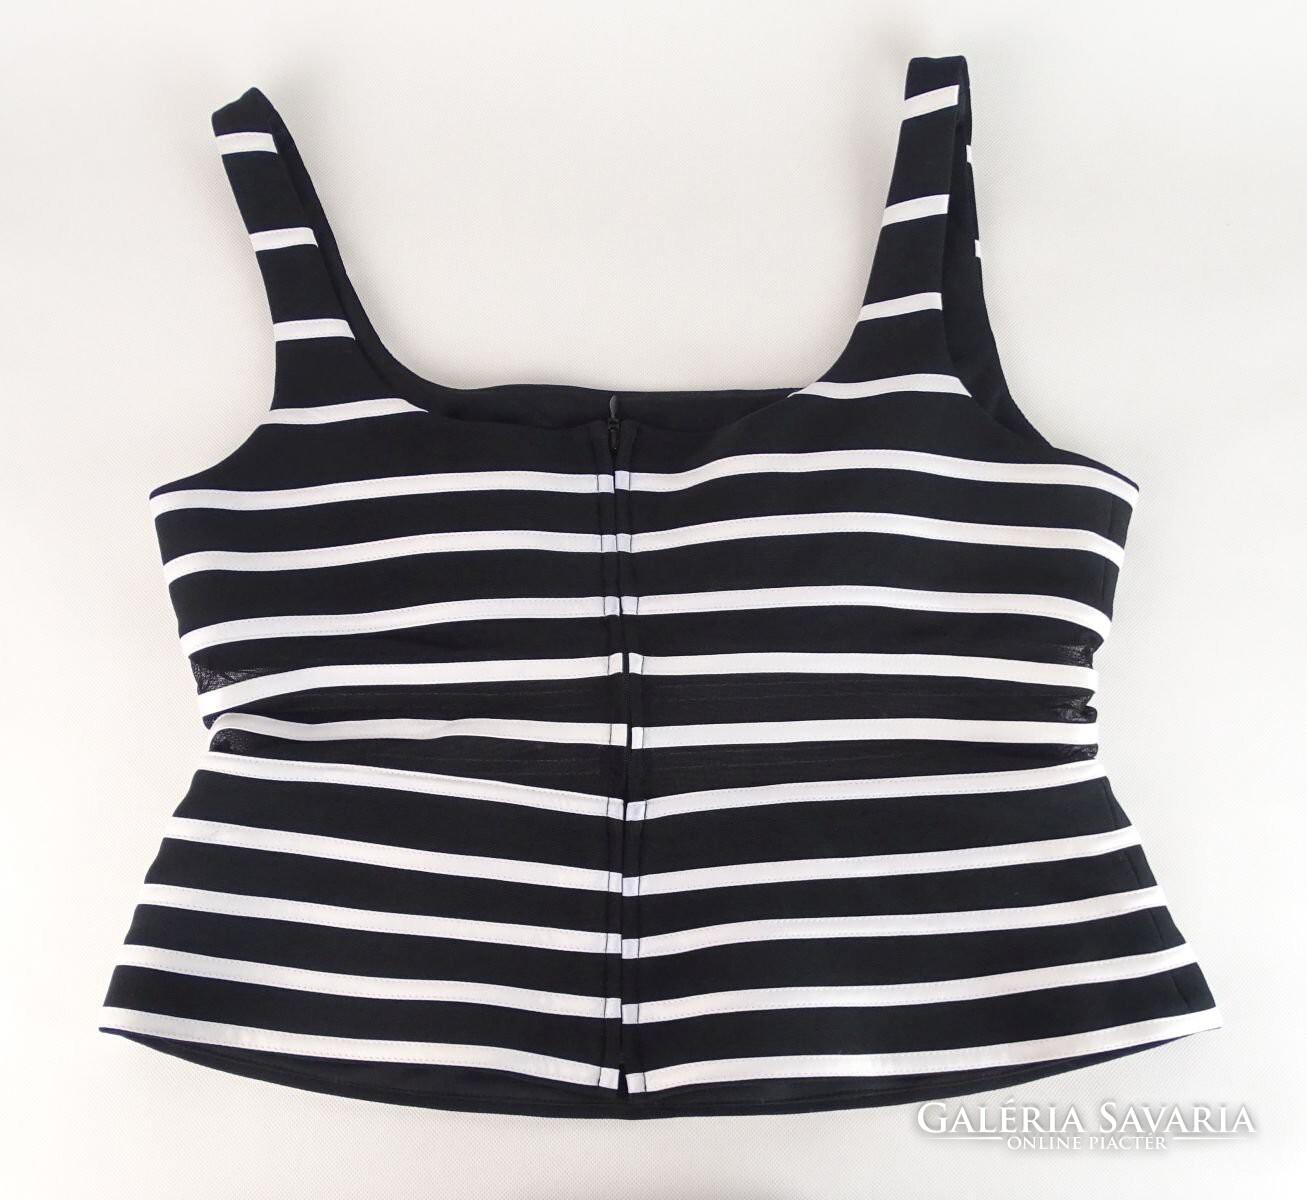 735fb1f191 0V779 Fekete-fehér csíkos Joseph Ribkoff top - Wardrobe | Galeria ...